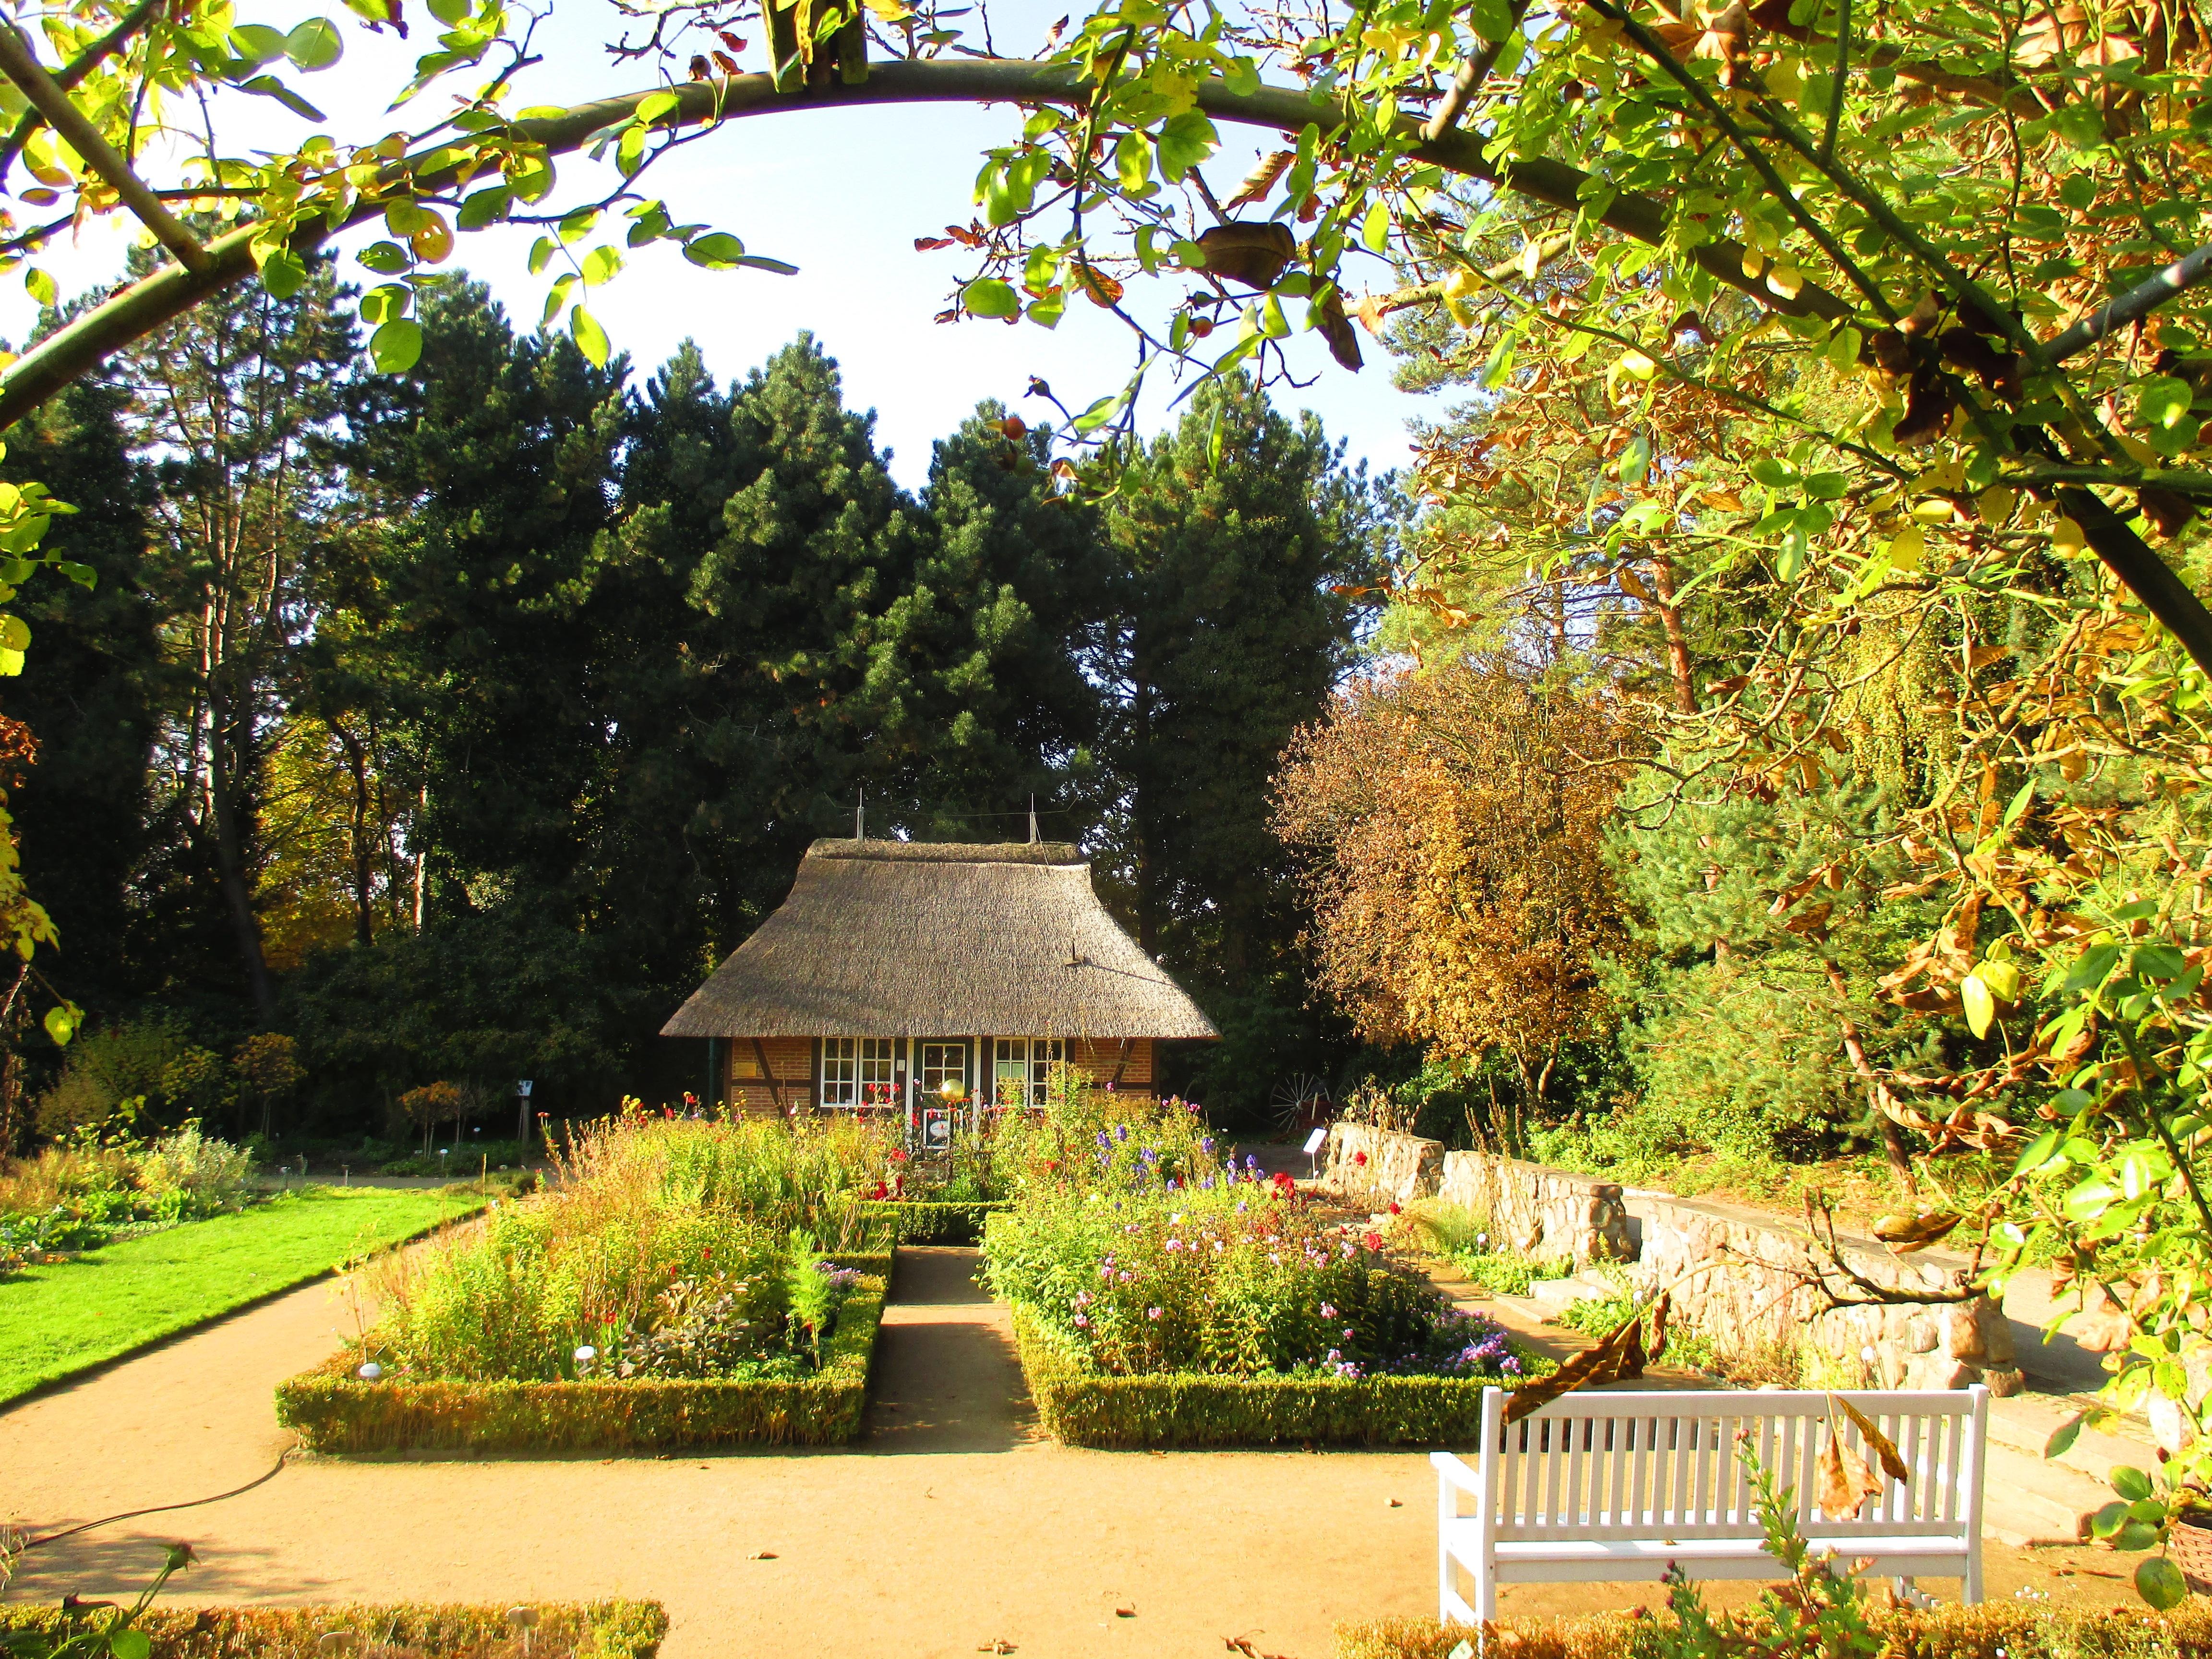 Fotos gratis sol c sped flor casa caba a oto o parque patio interior propiedad - Ley propiedad horizontal patio interior ...